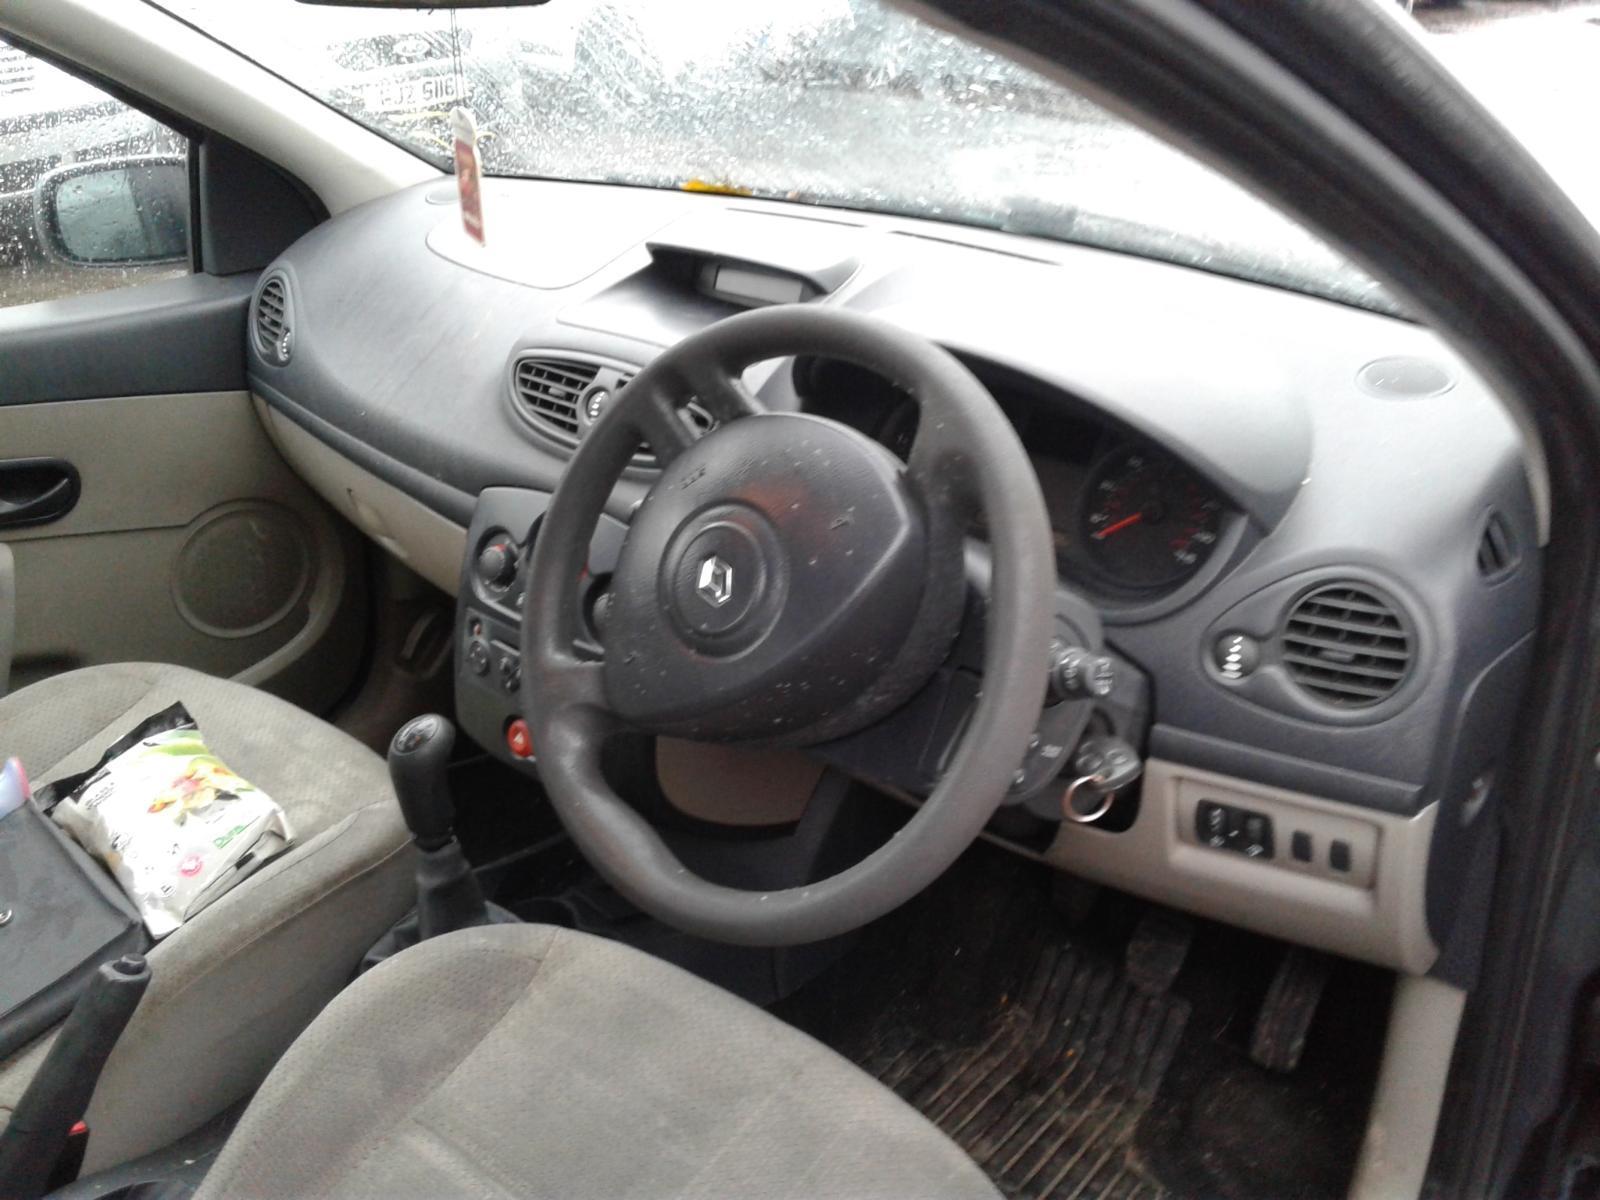 2006 RENAULT CLIO Image